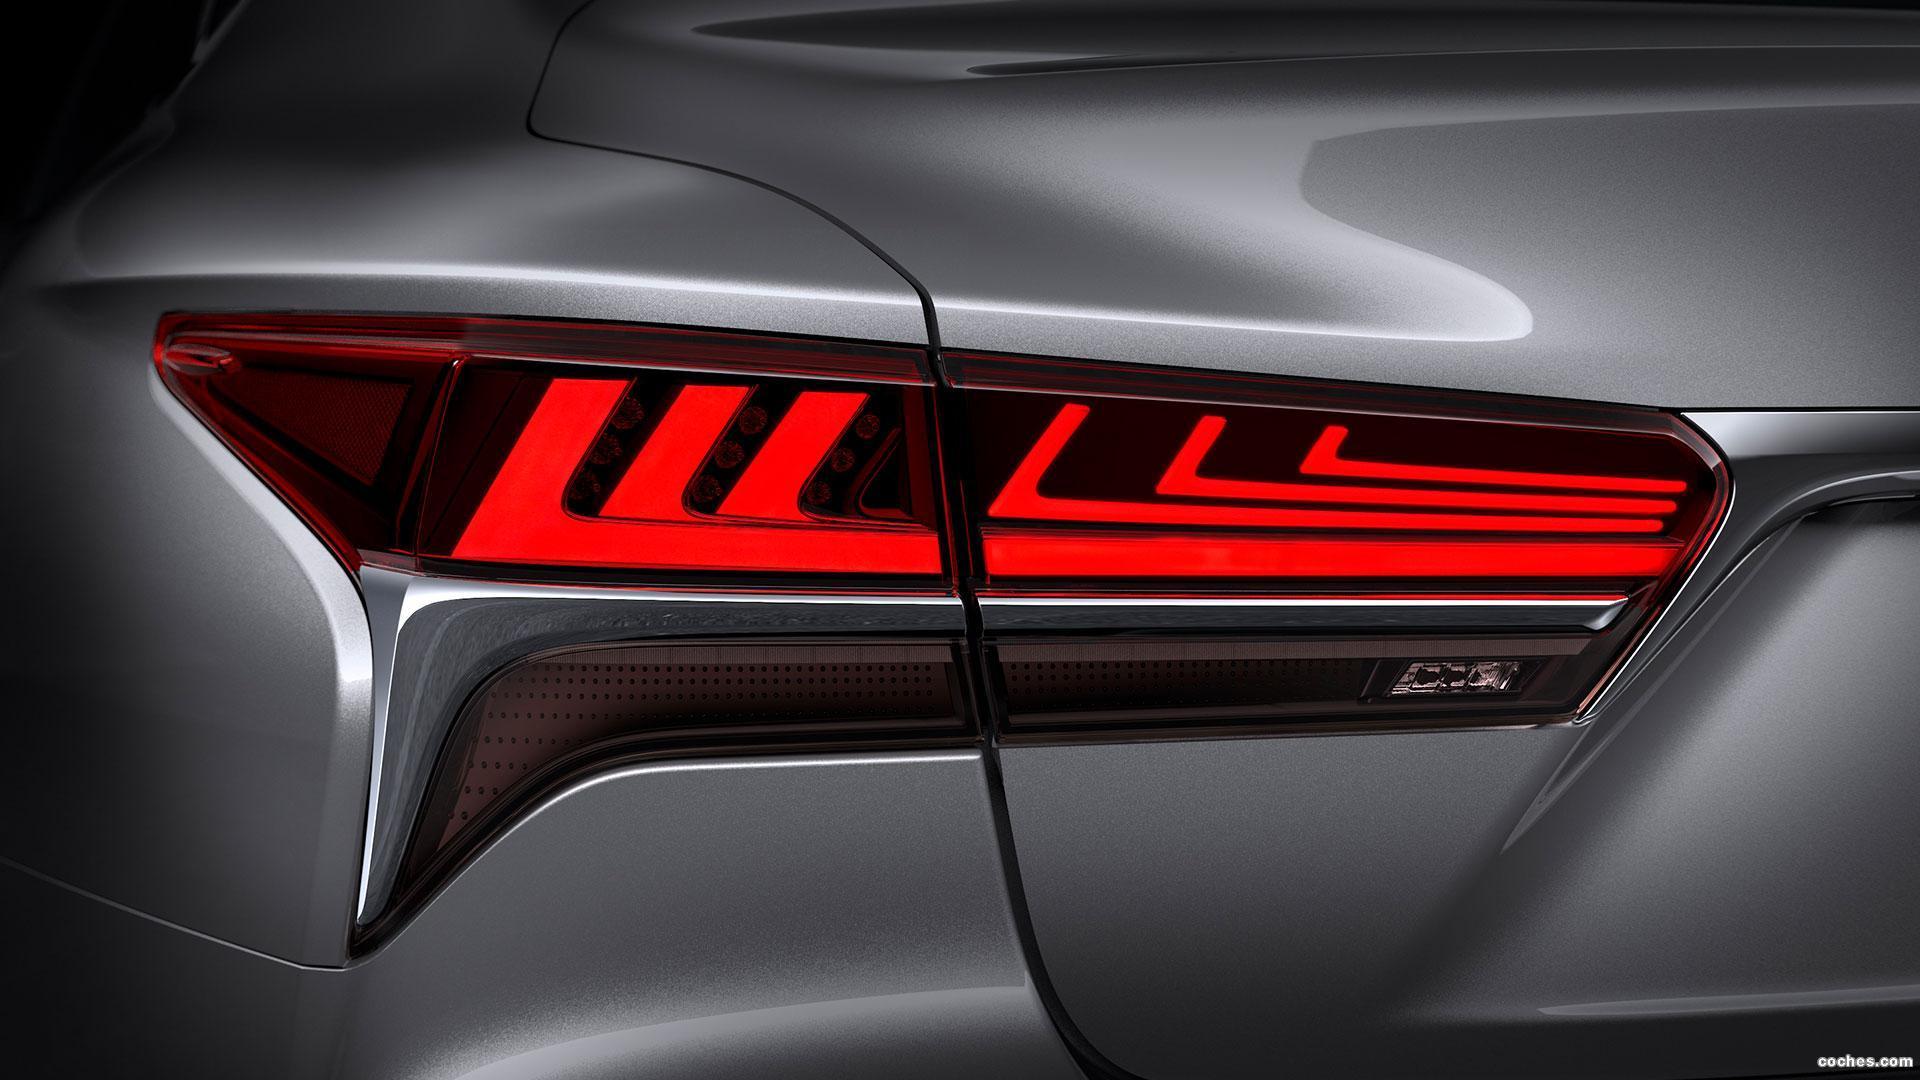 Foto 0 de Lexus LS 500 2017